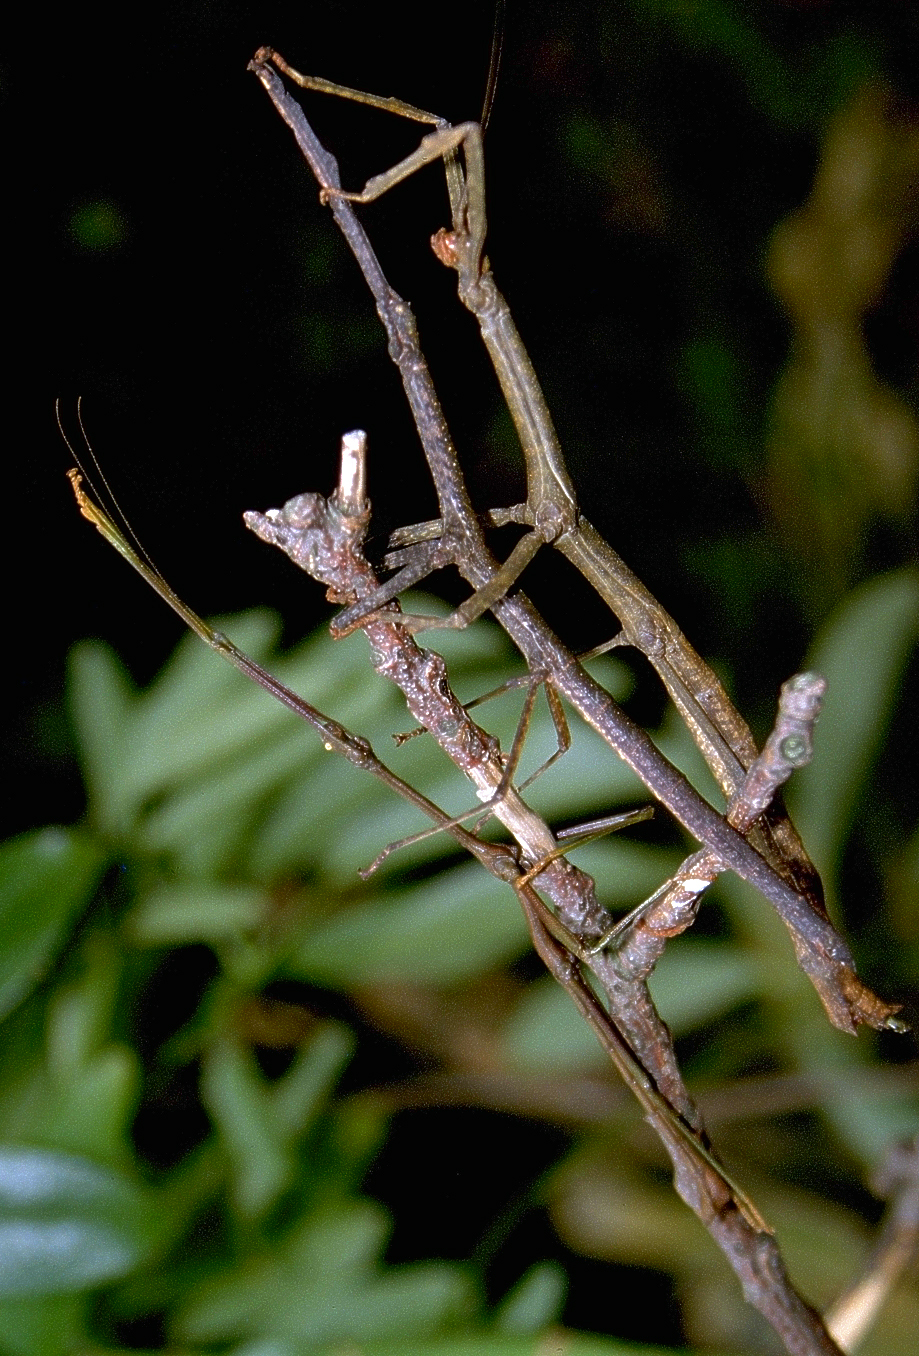 Diese Wandelnden Äste (zwei Weibchen und ein Männchen von Lonchodes brevipes) aus Westmalaysia müssen ihre Tarnung nicht aufgeben, wenn sie ihre Eier einfach zu Boden werfen.